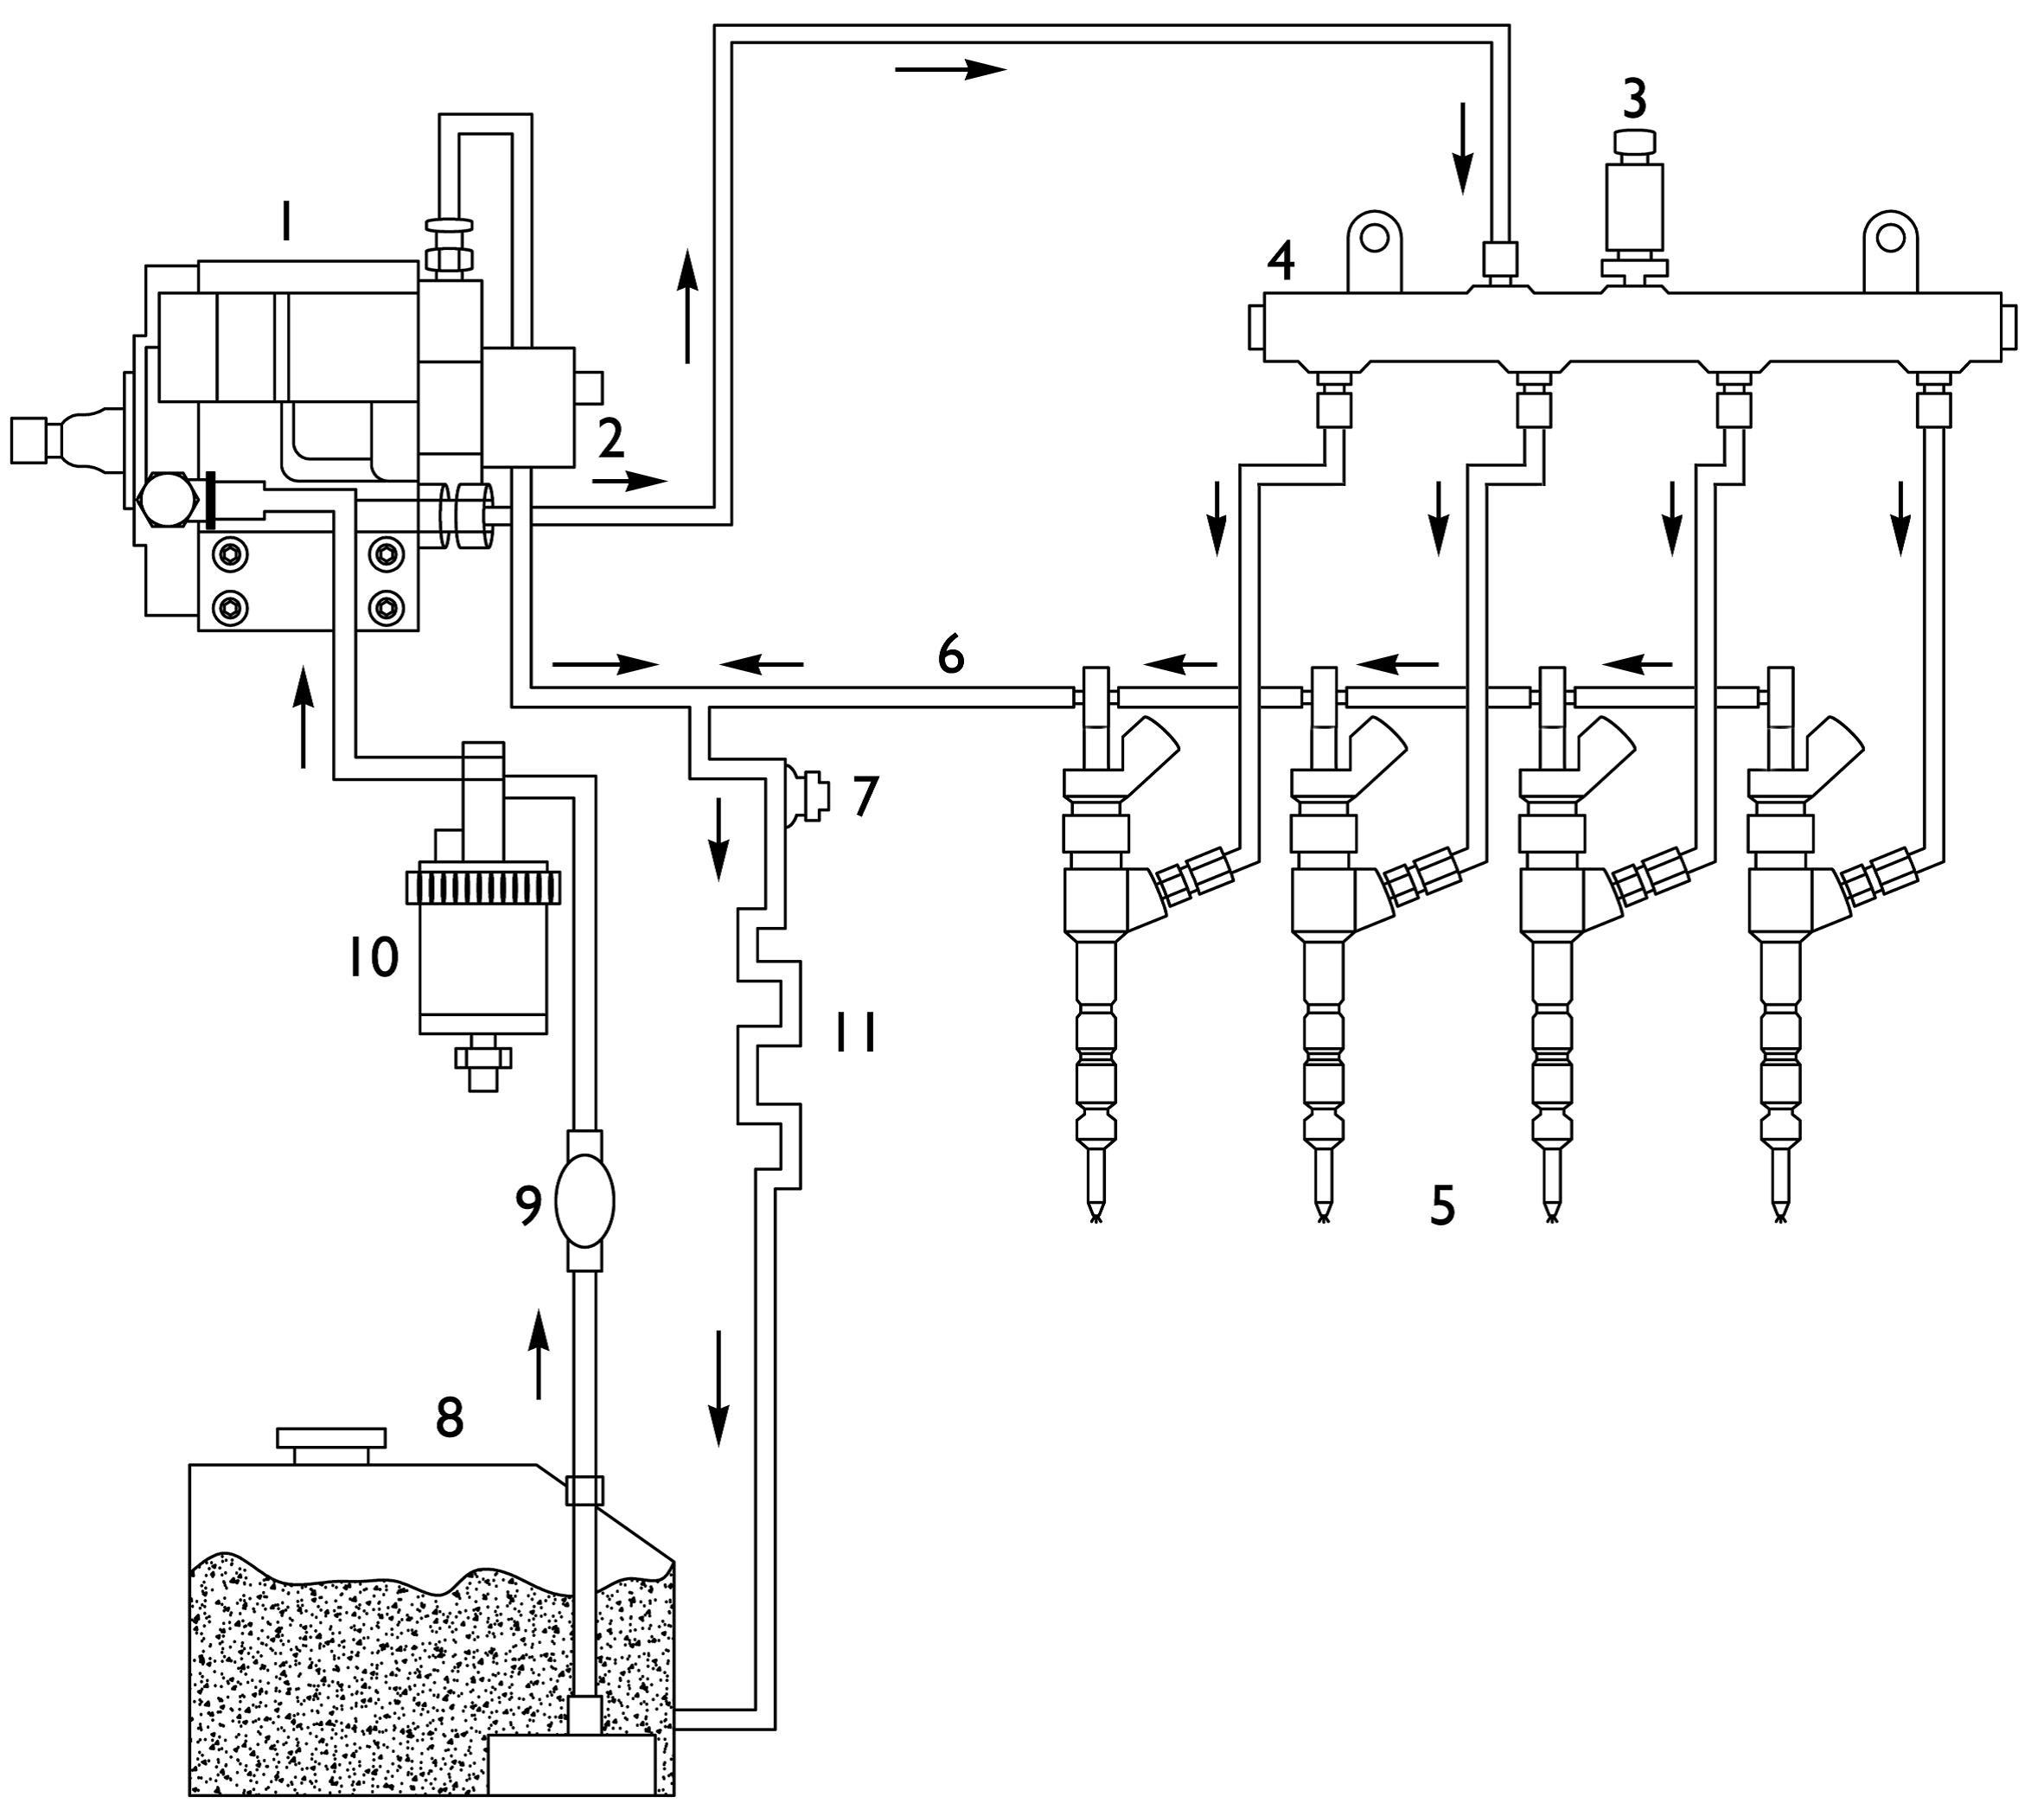 Schema Elettrico Per Montaggio Fendinebbia : Citroen c hdi mancati avviamenti riparando